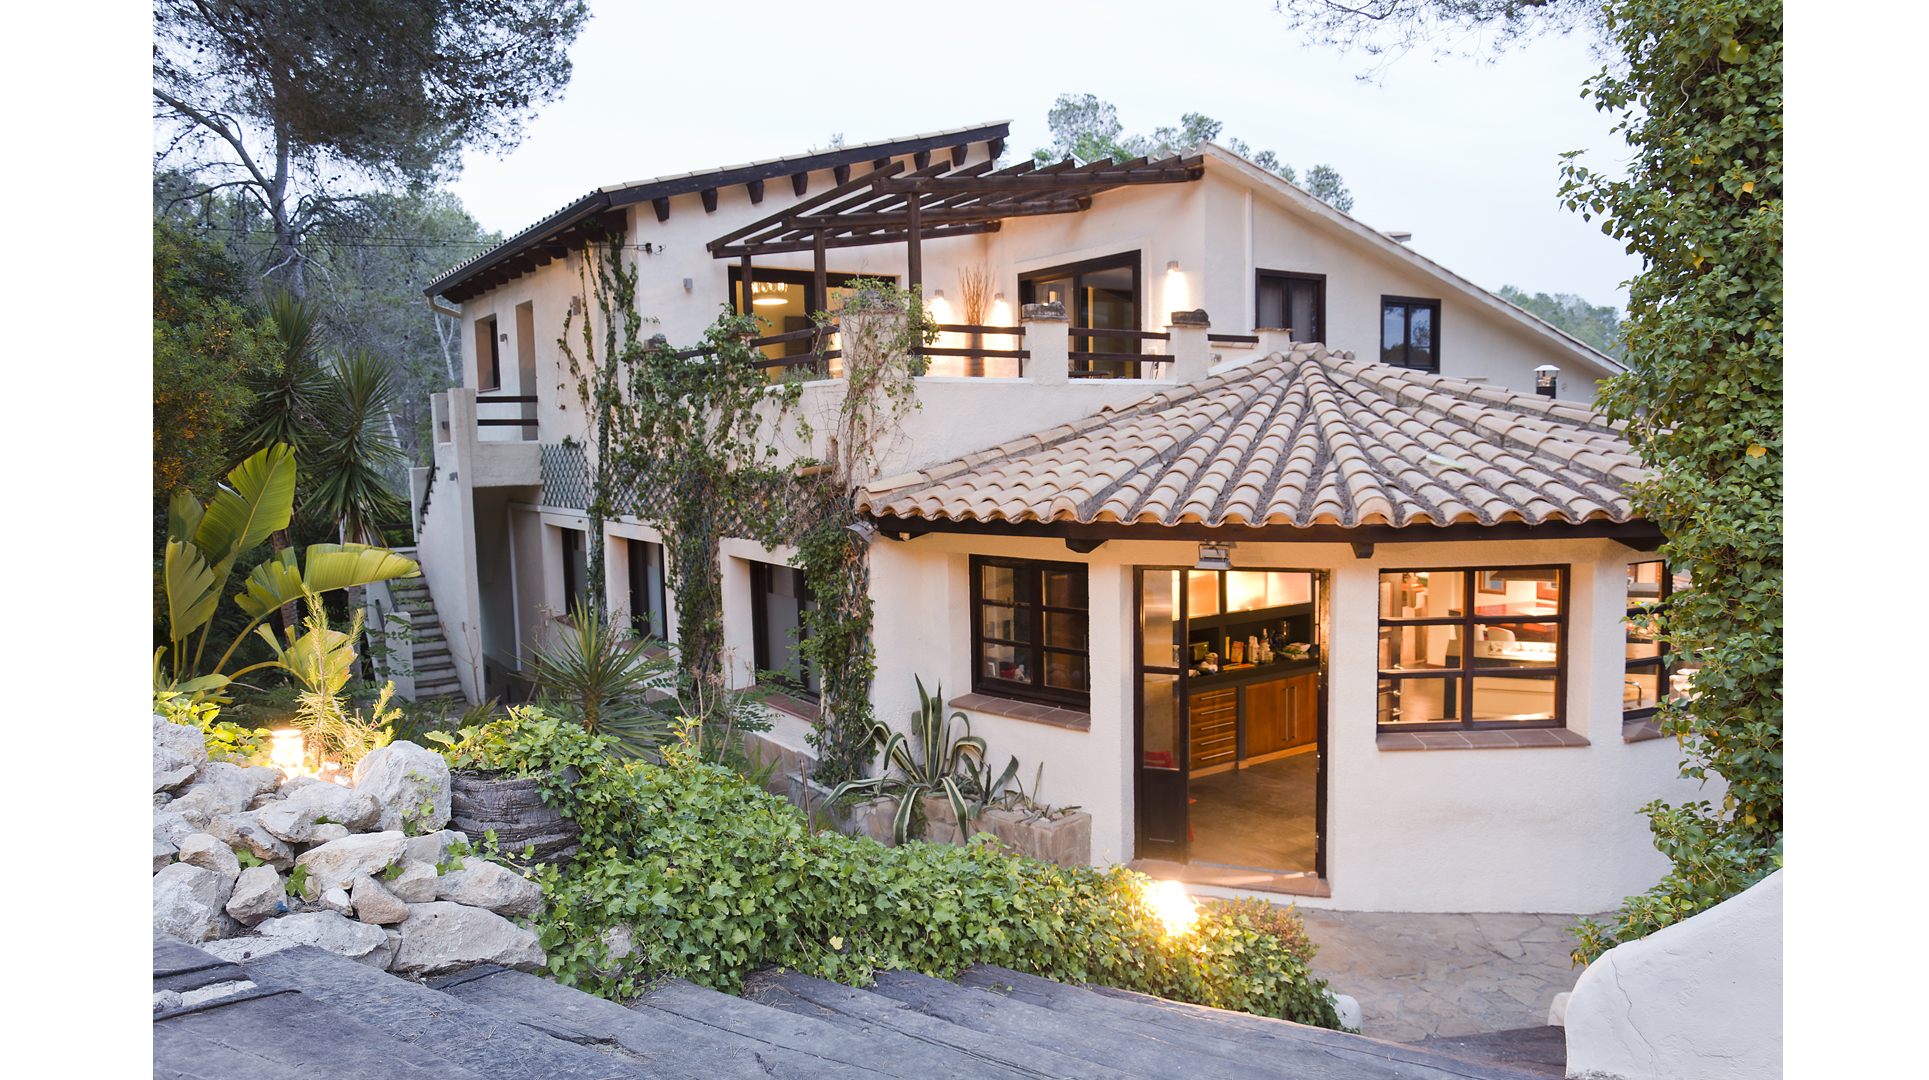 Ferienhaus Villa Palmera, Paradies in der Nhe von Barcelona, luxurise Villa fr 22 Personen (2379177), Olivella, Costa del Garraf, Katalonien, Spanien, Bild 2